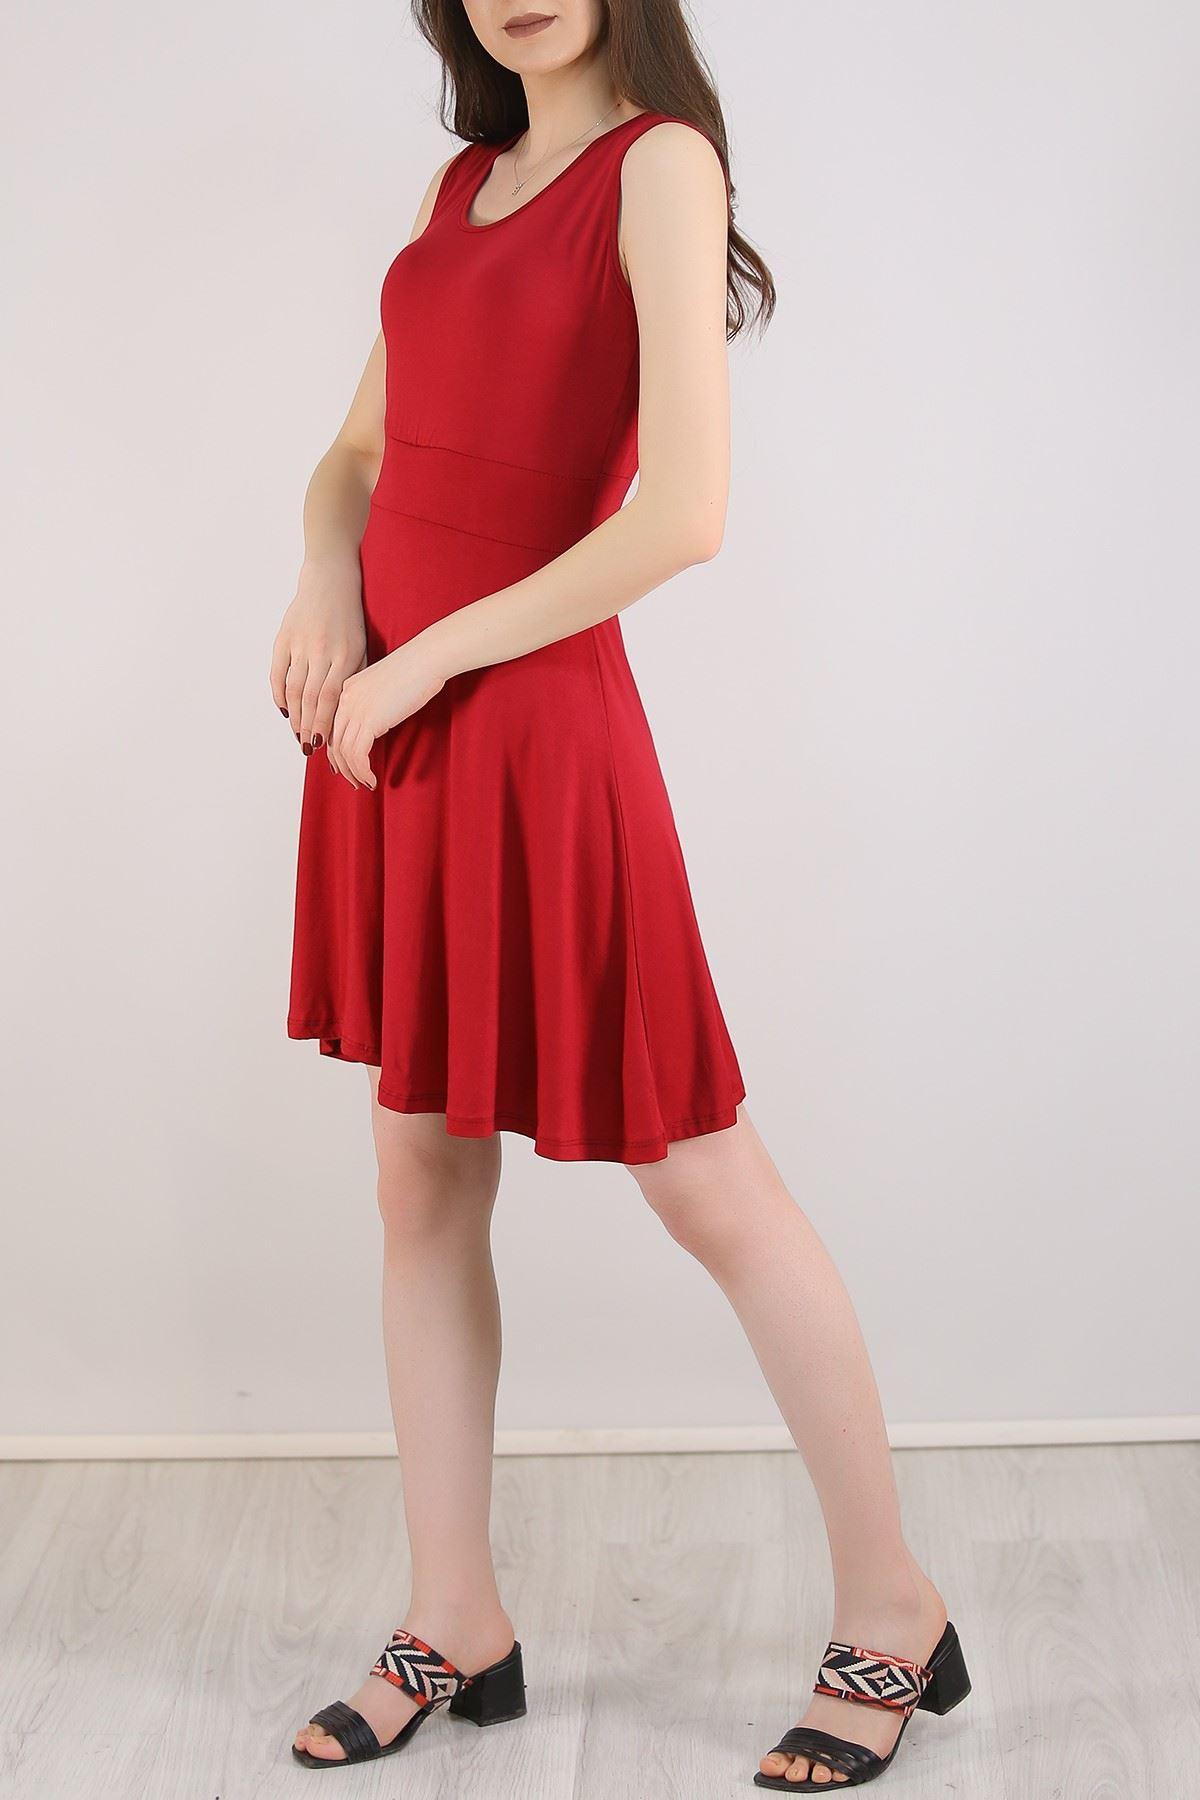 Sıfır Kol Kloş Elbise Bordo - 5430.716.